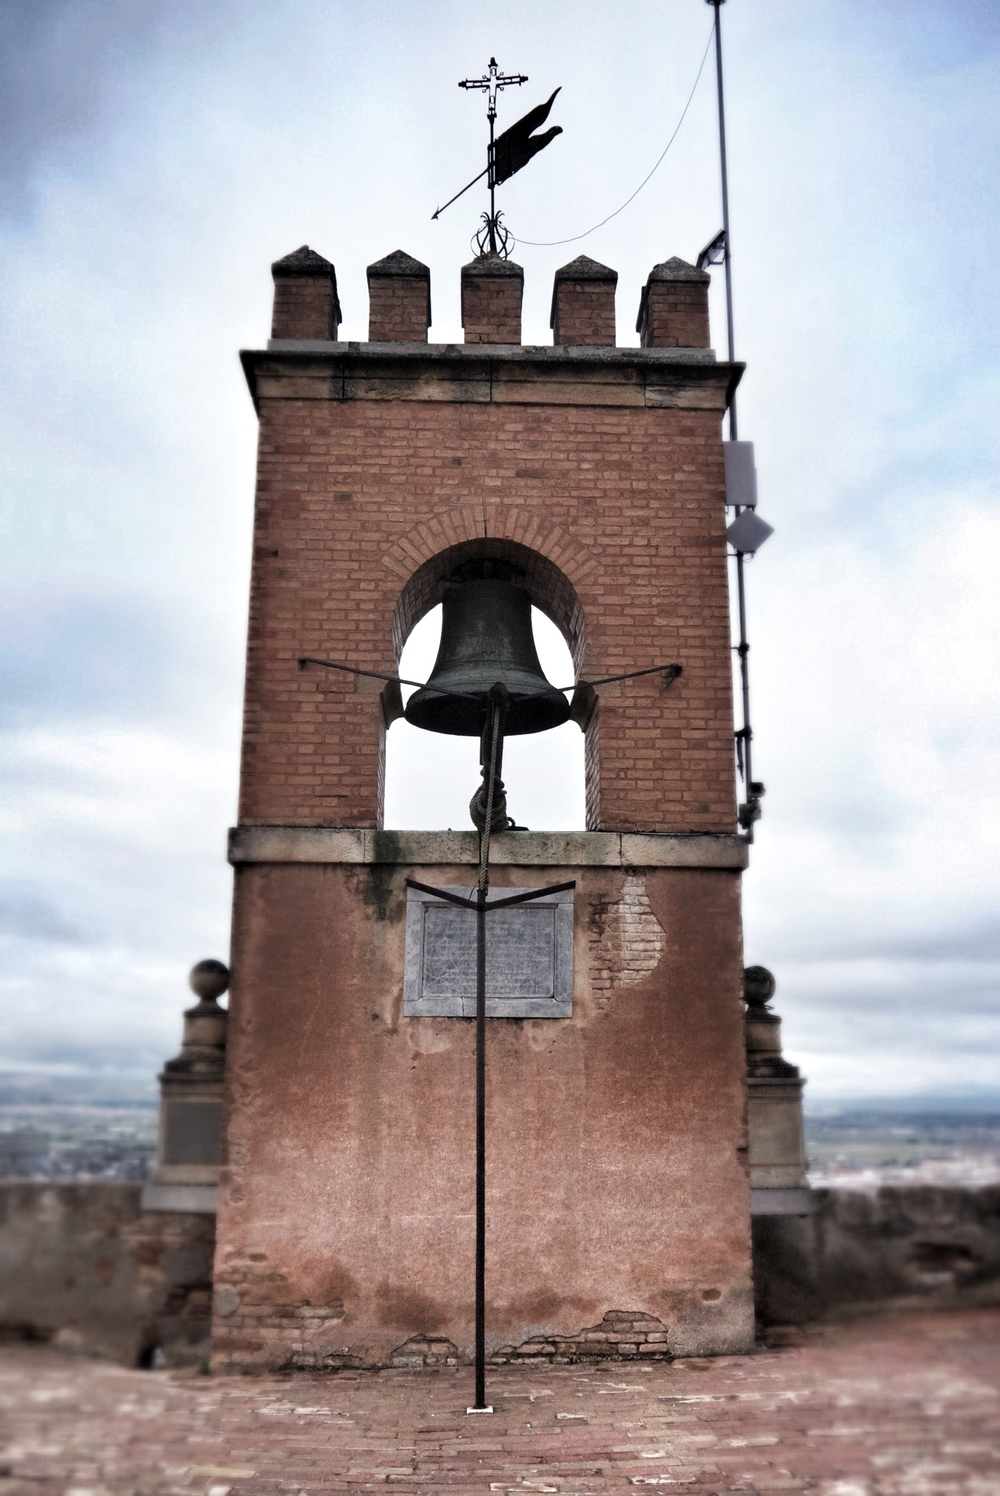 The Alcazaba bell